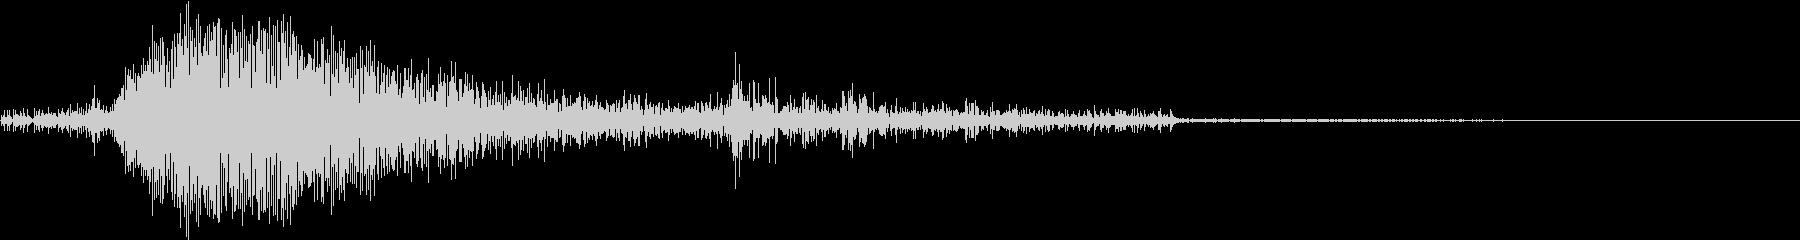 ザクッ(スコップ お金 操作音)の未再生の波形